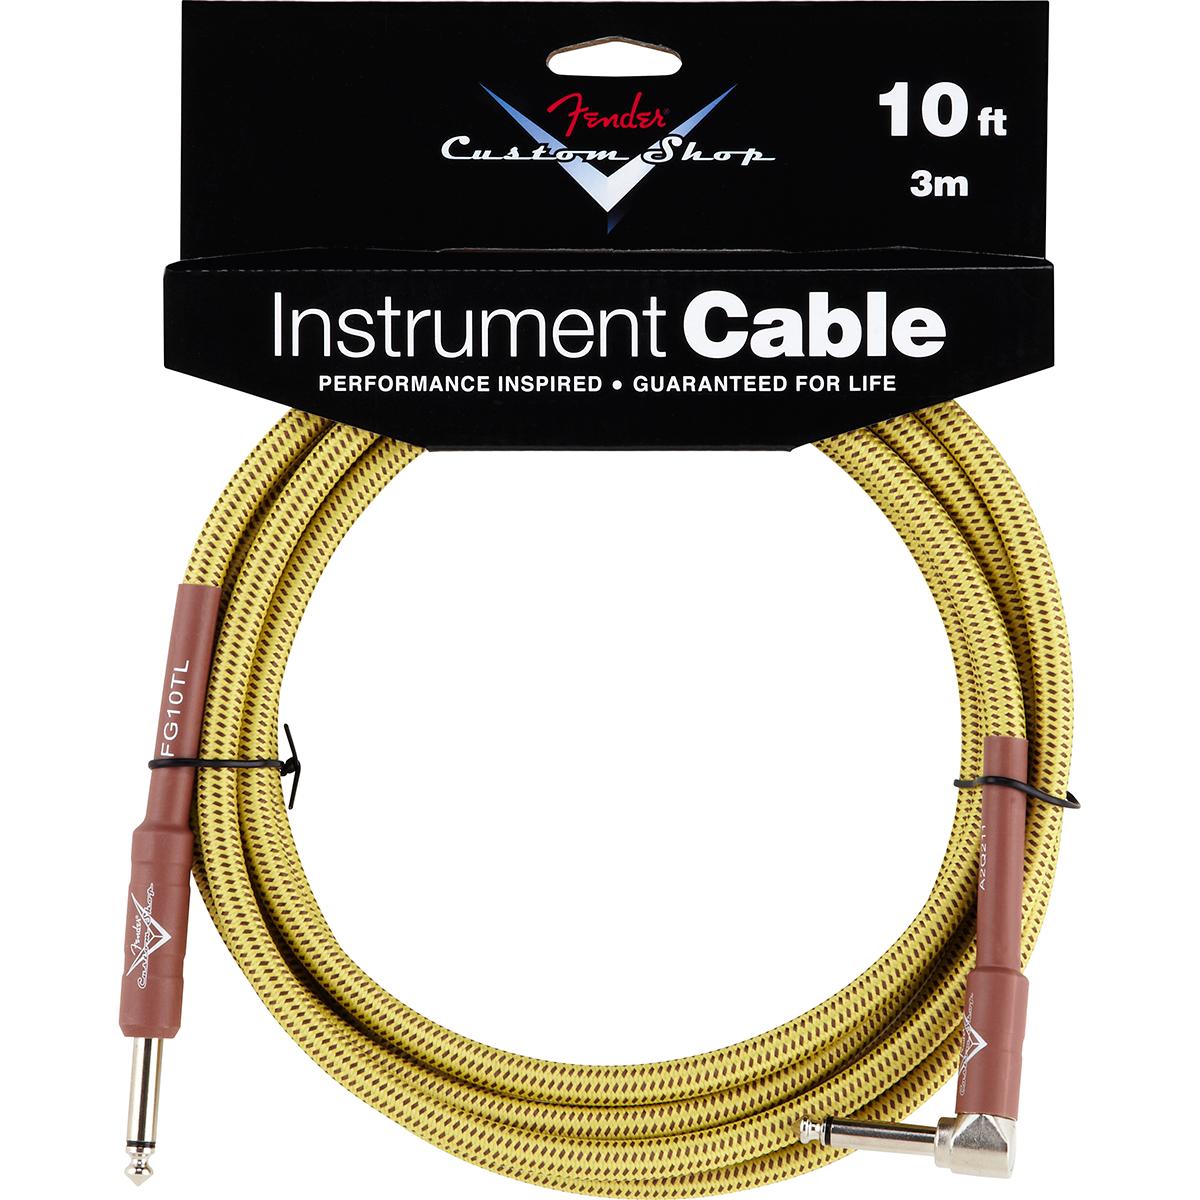 Billede af Fender CustomShop10ftangled jack-til-jack-kabel tweed 3meter